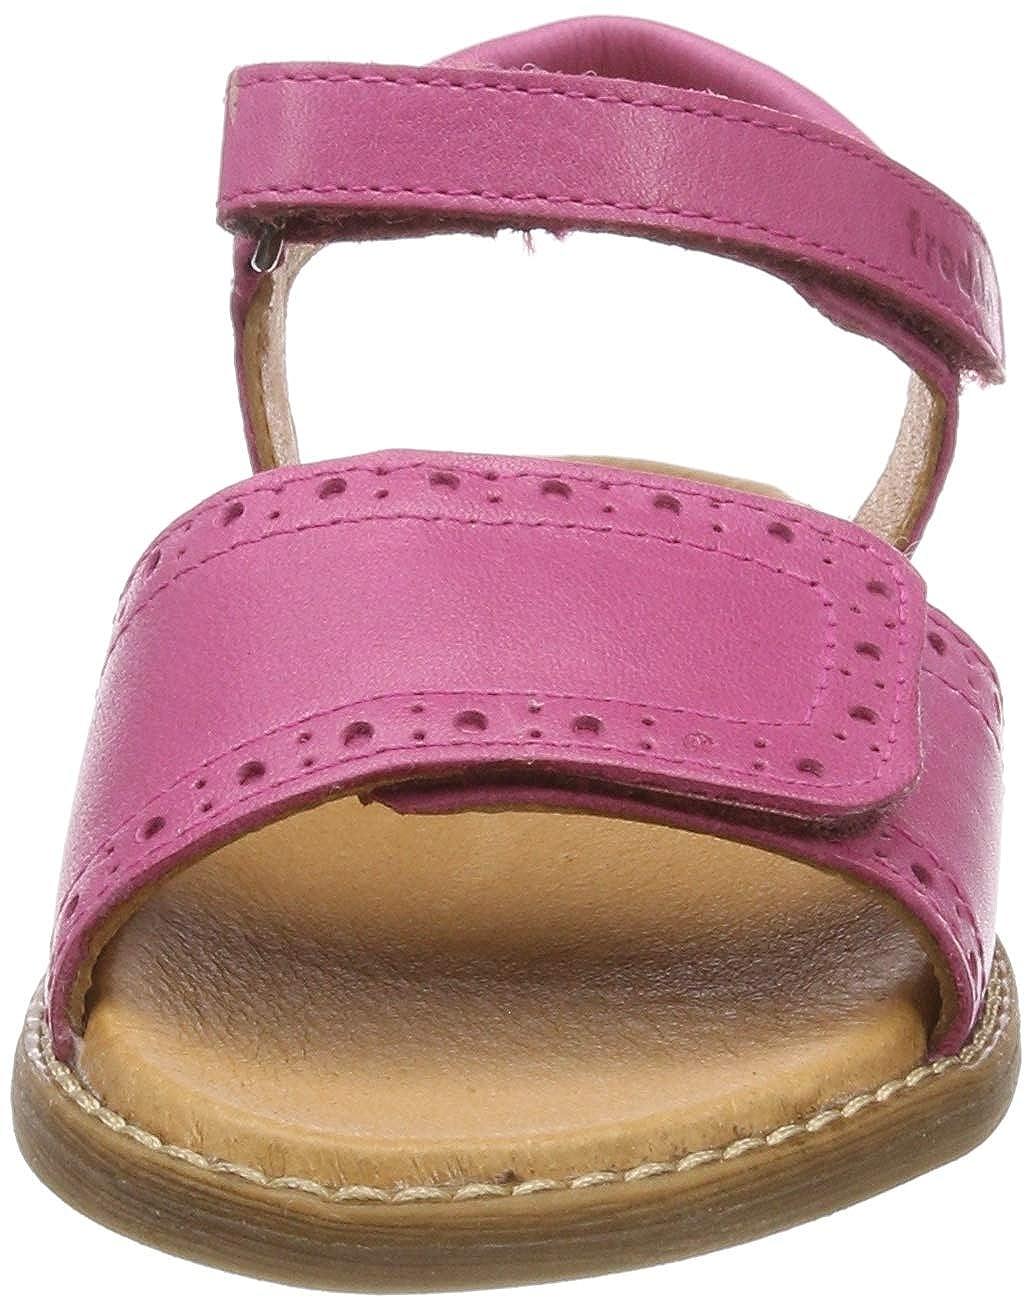 Bout Ouvert Fille FRODDO G3150127 Girls Sandal